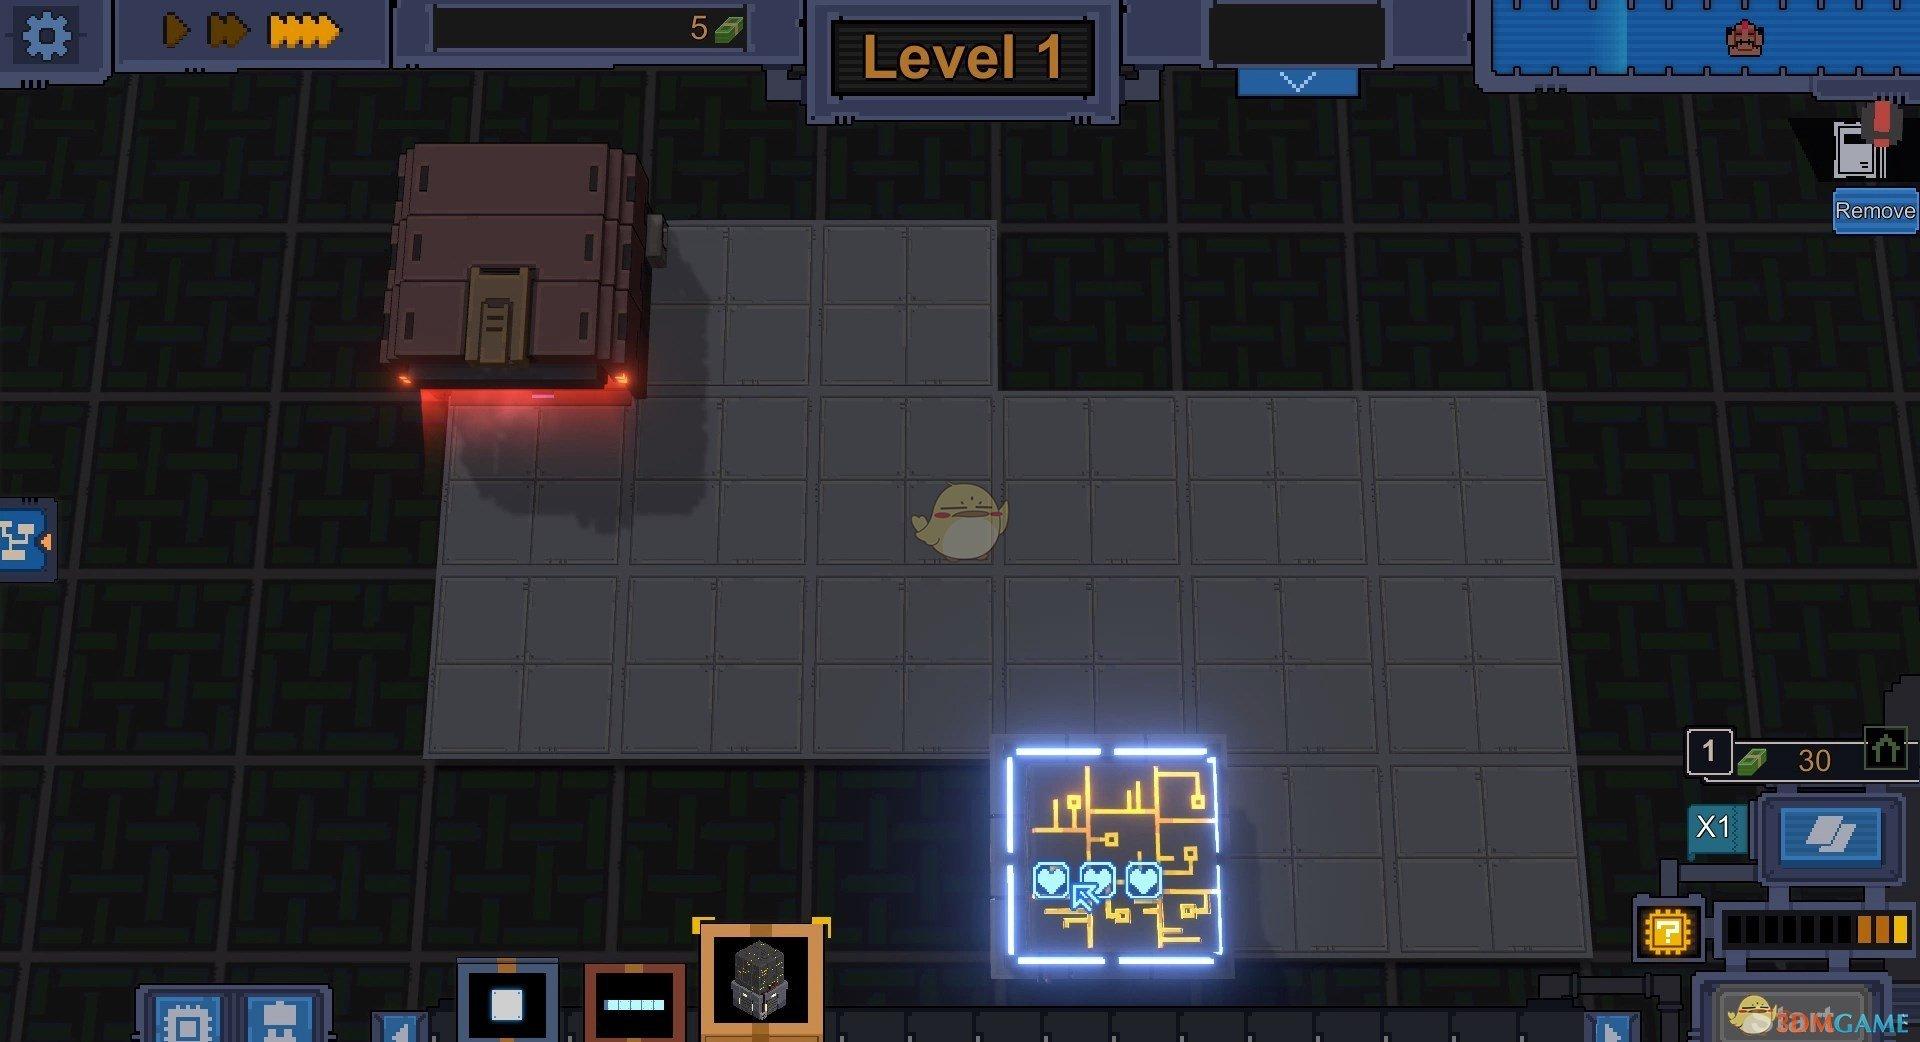 《变量》游戏难度系统介绍